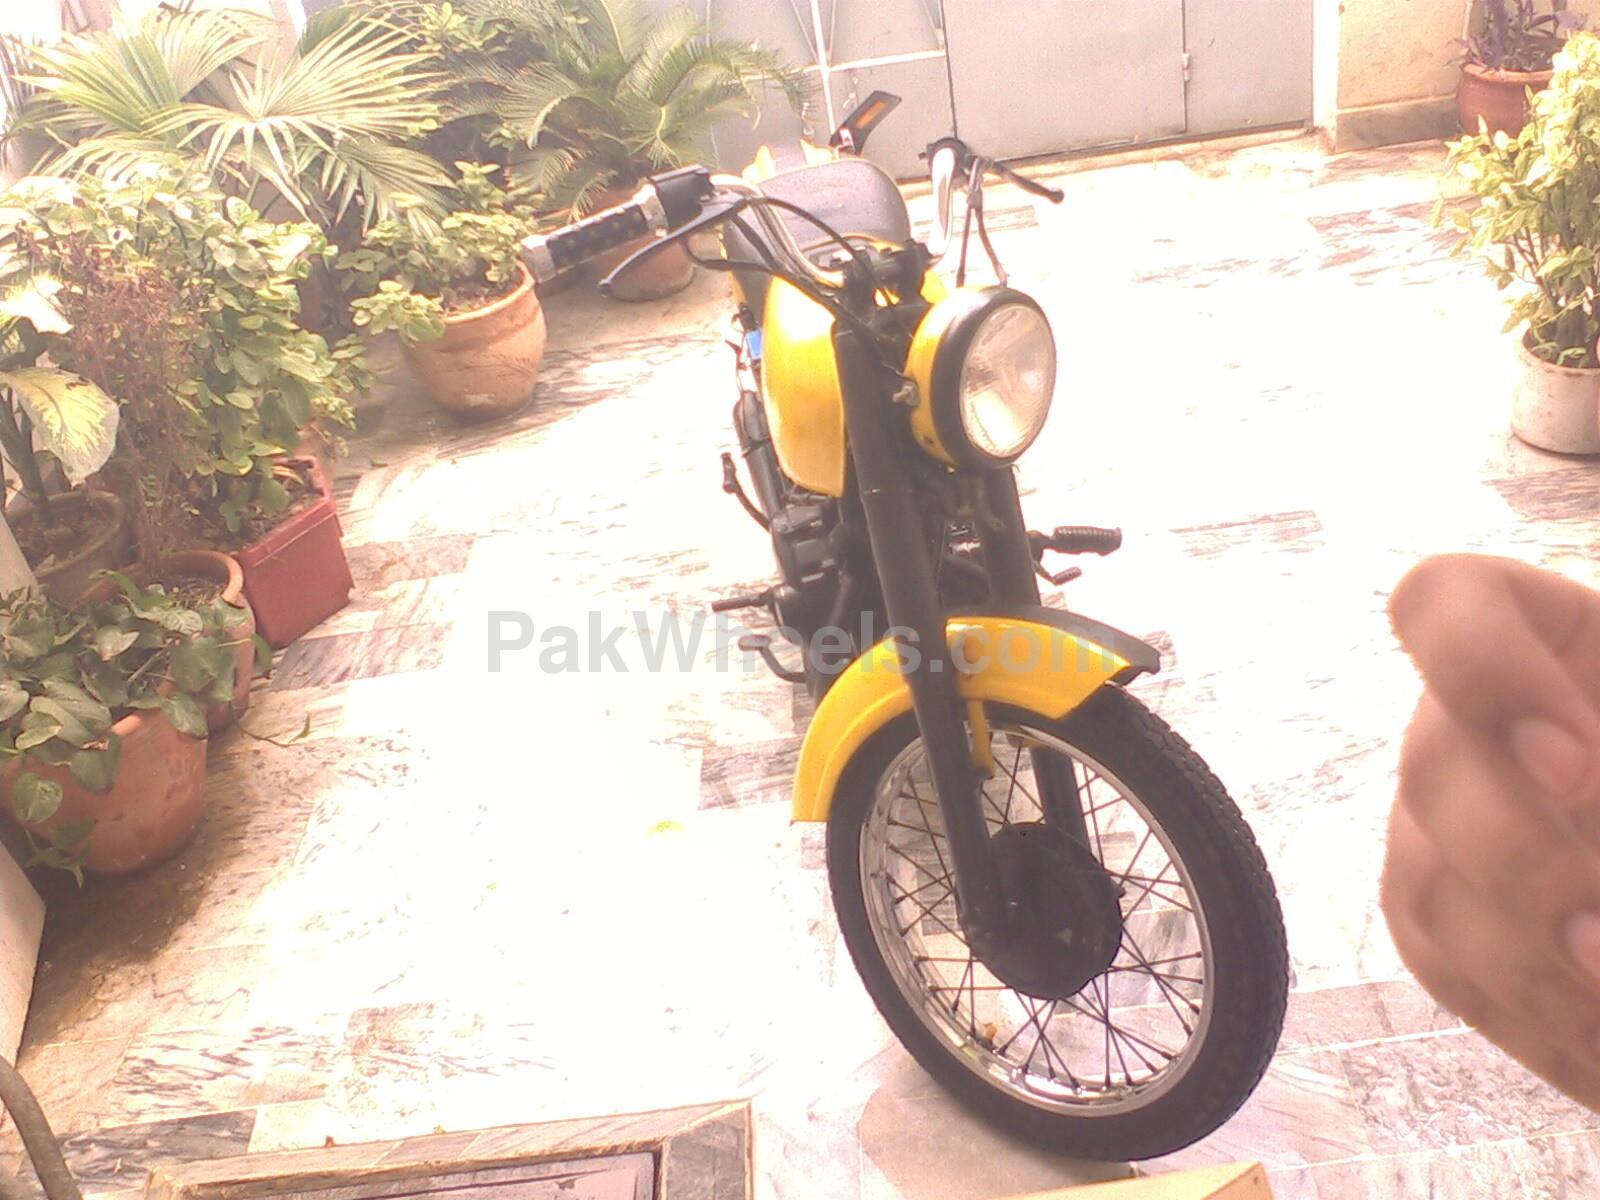 Honda Other - 1977 boye Image-1